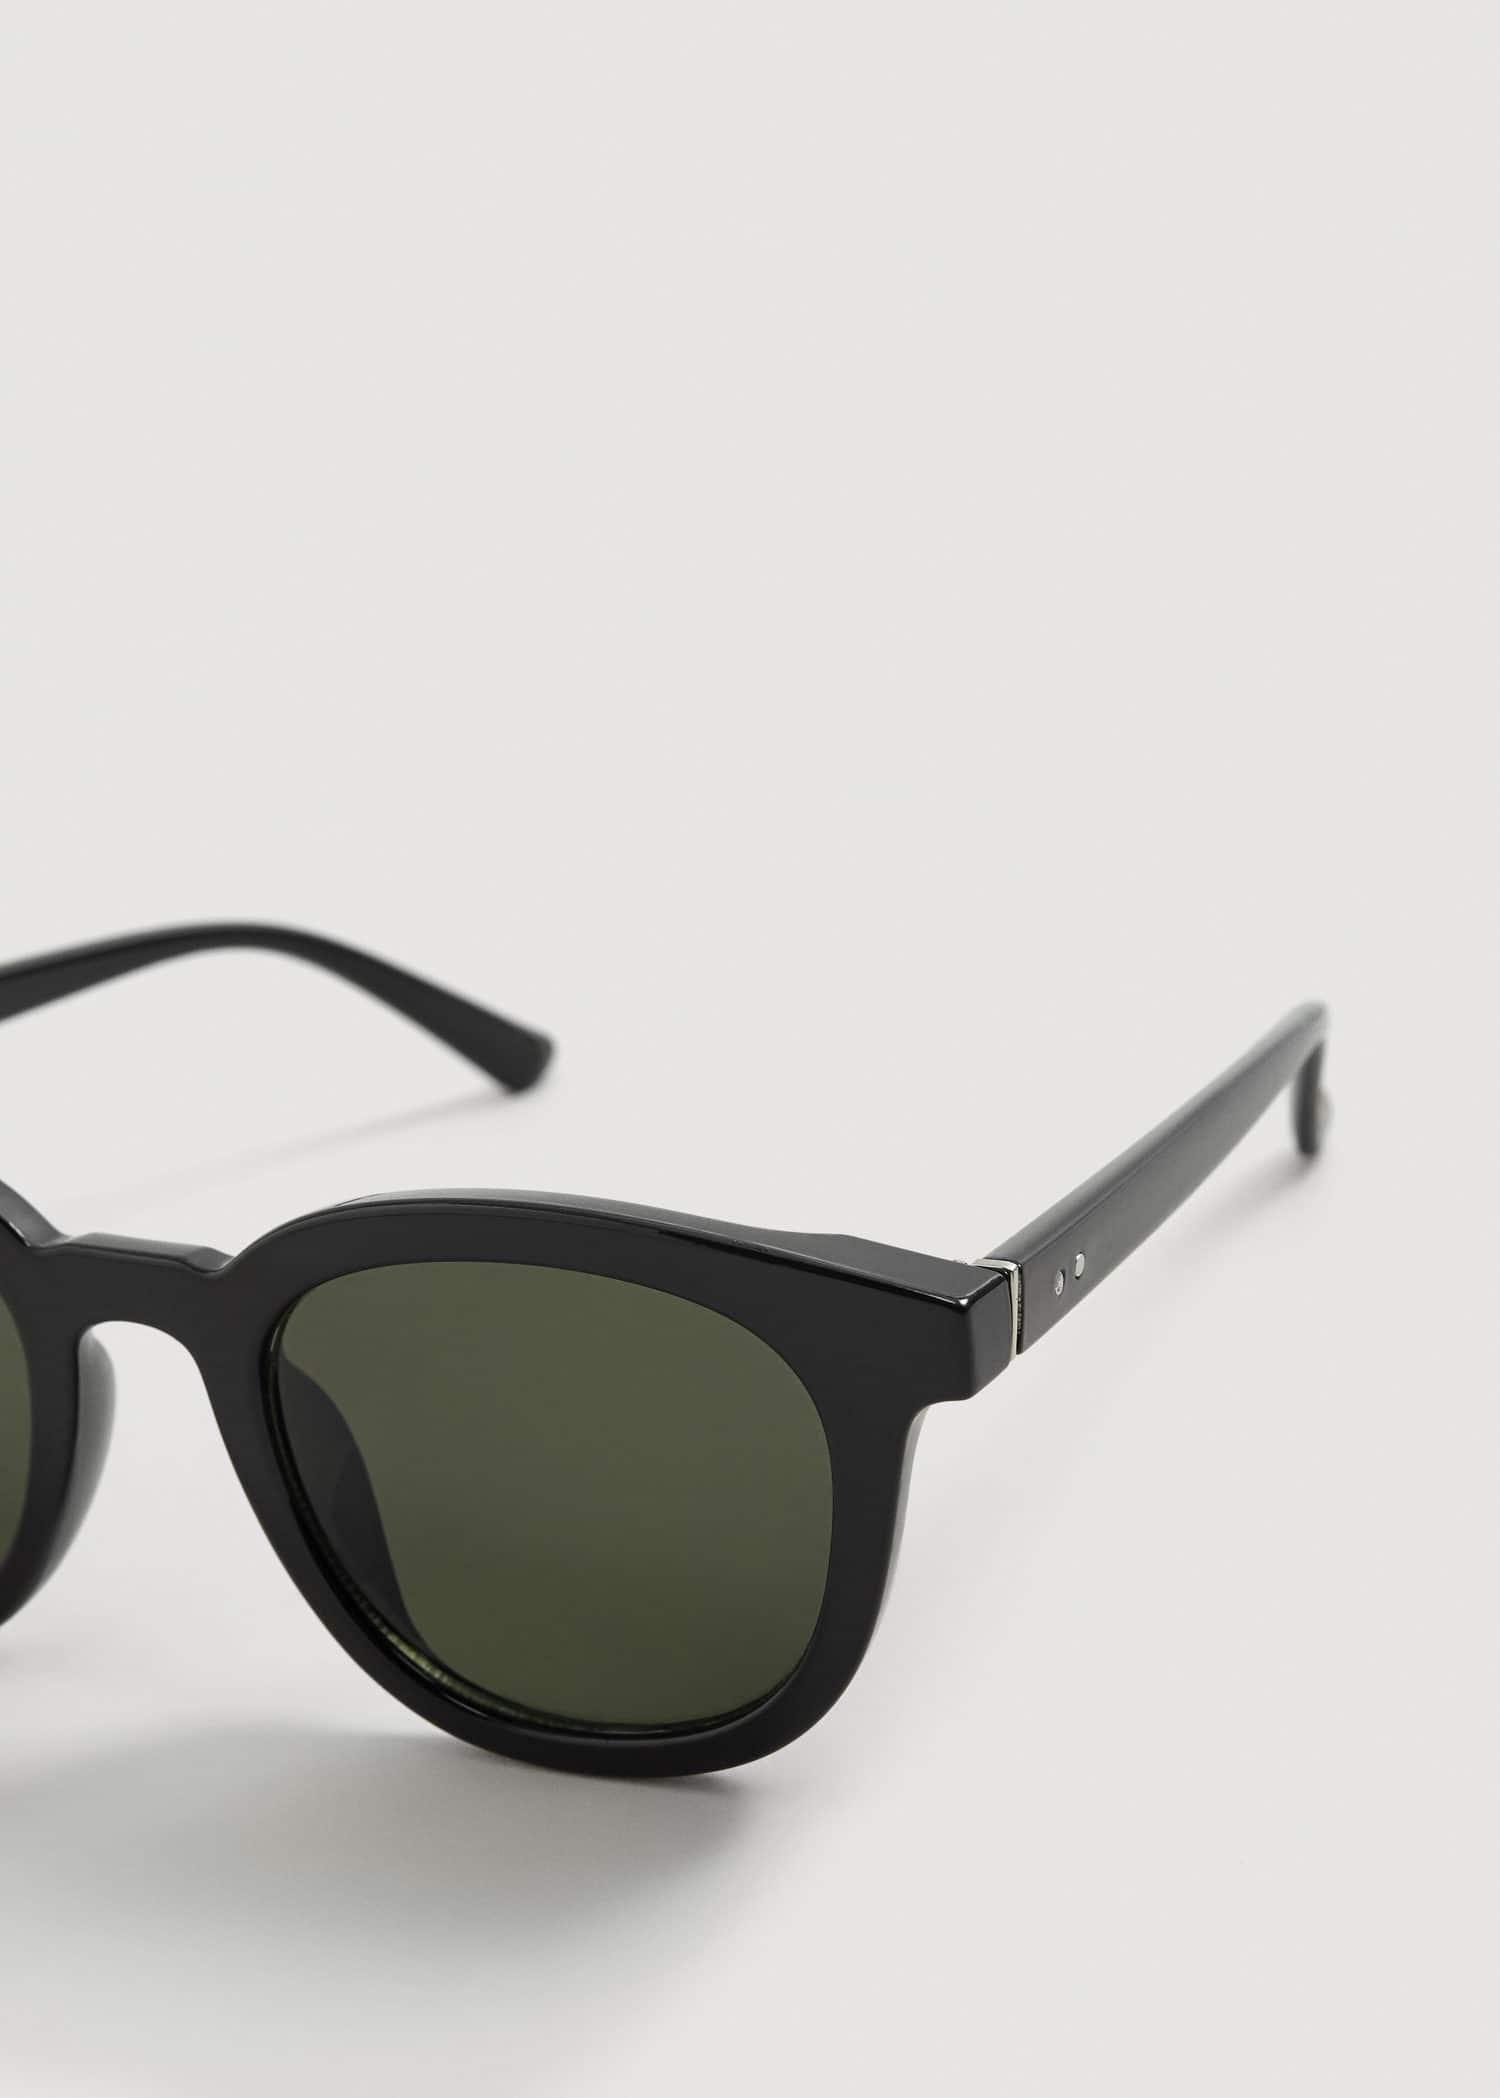 Sonnenbrille mit azetatfassung Herren | Mango Man Deutschland